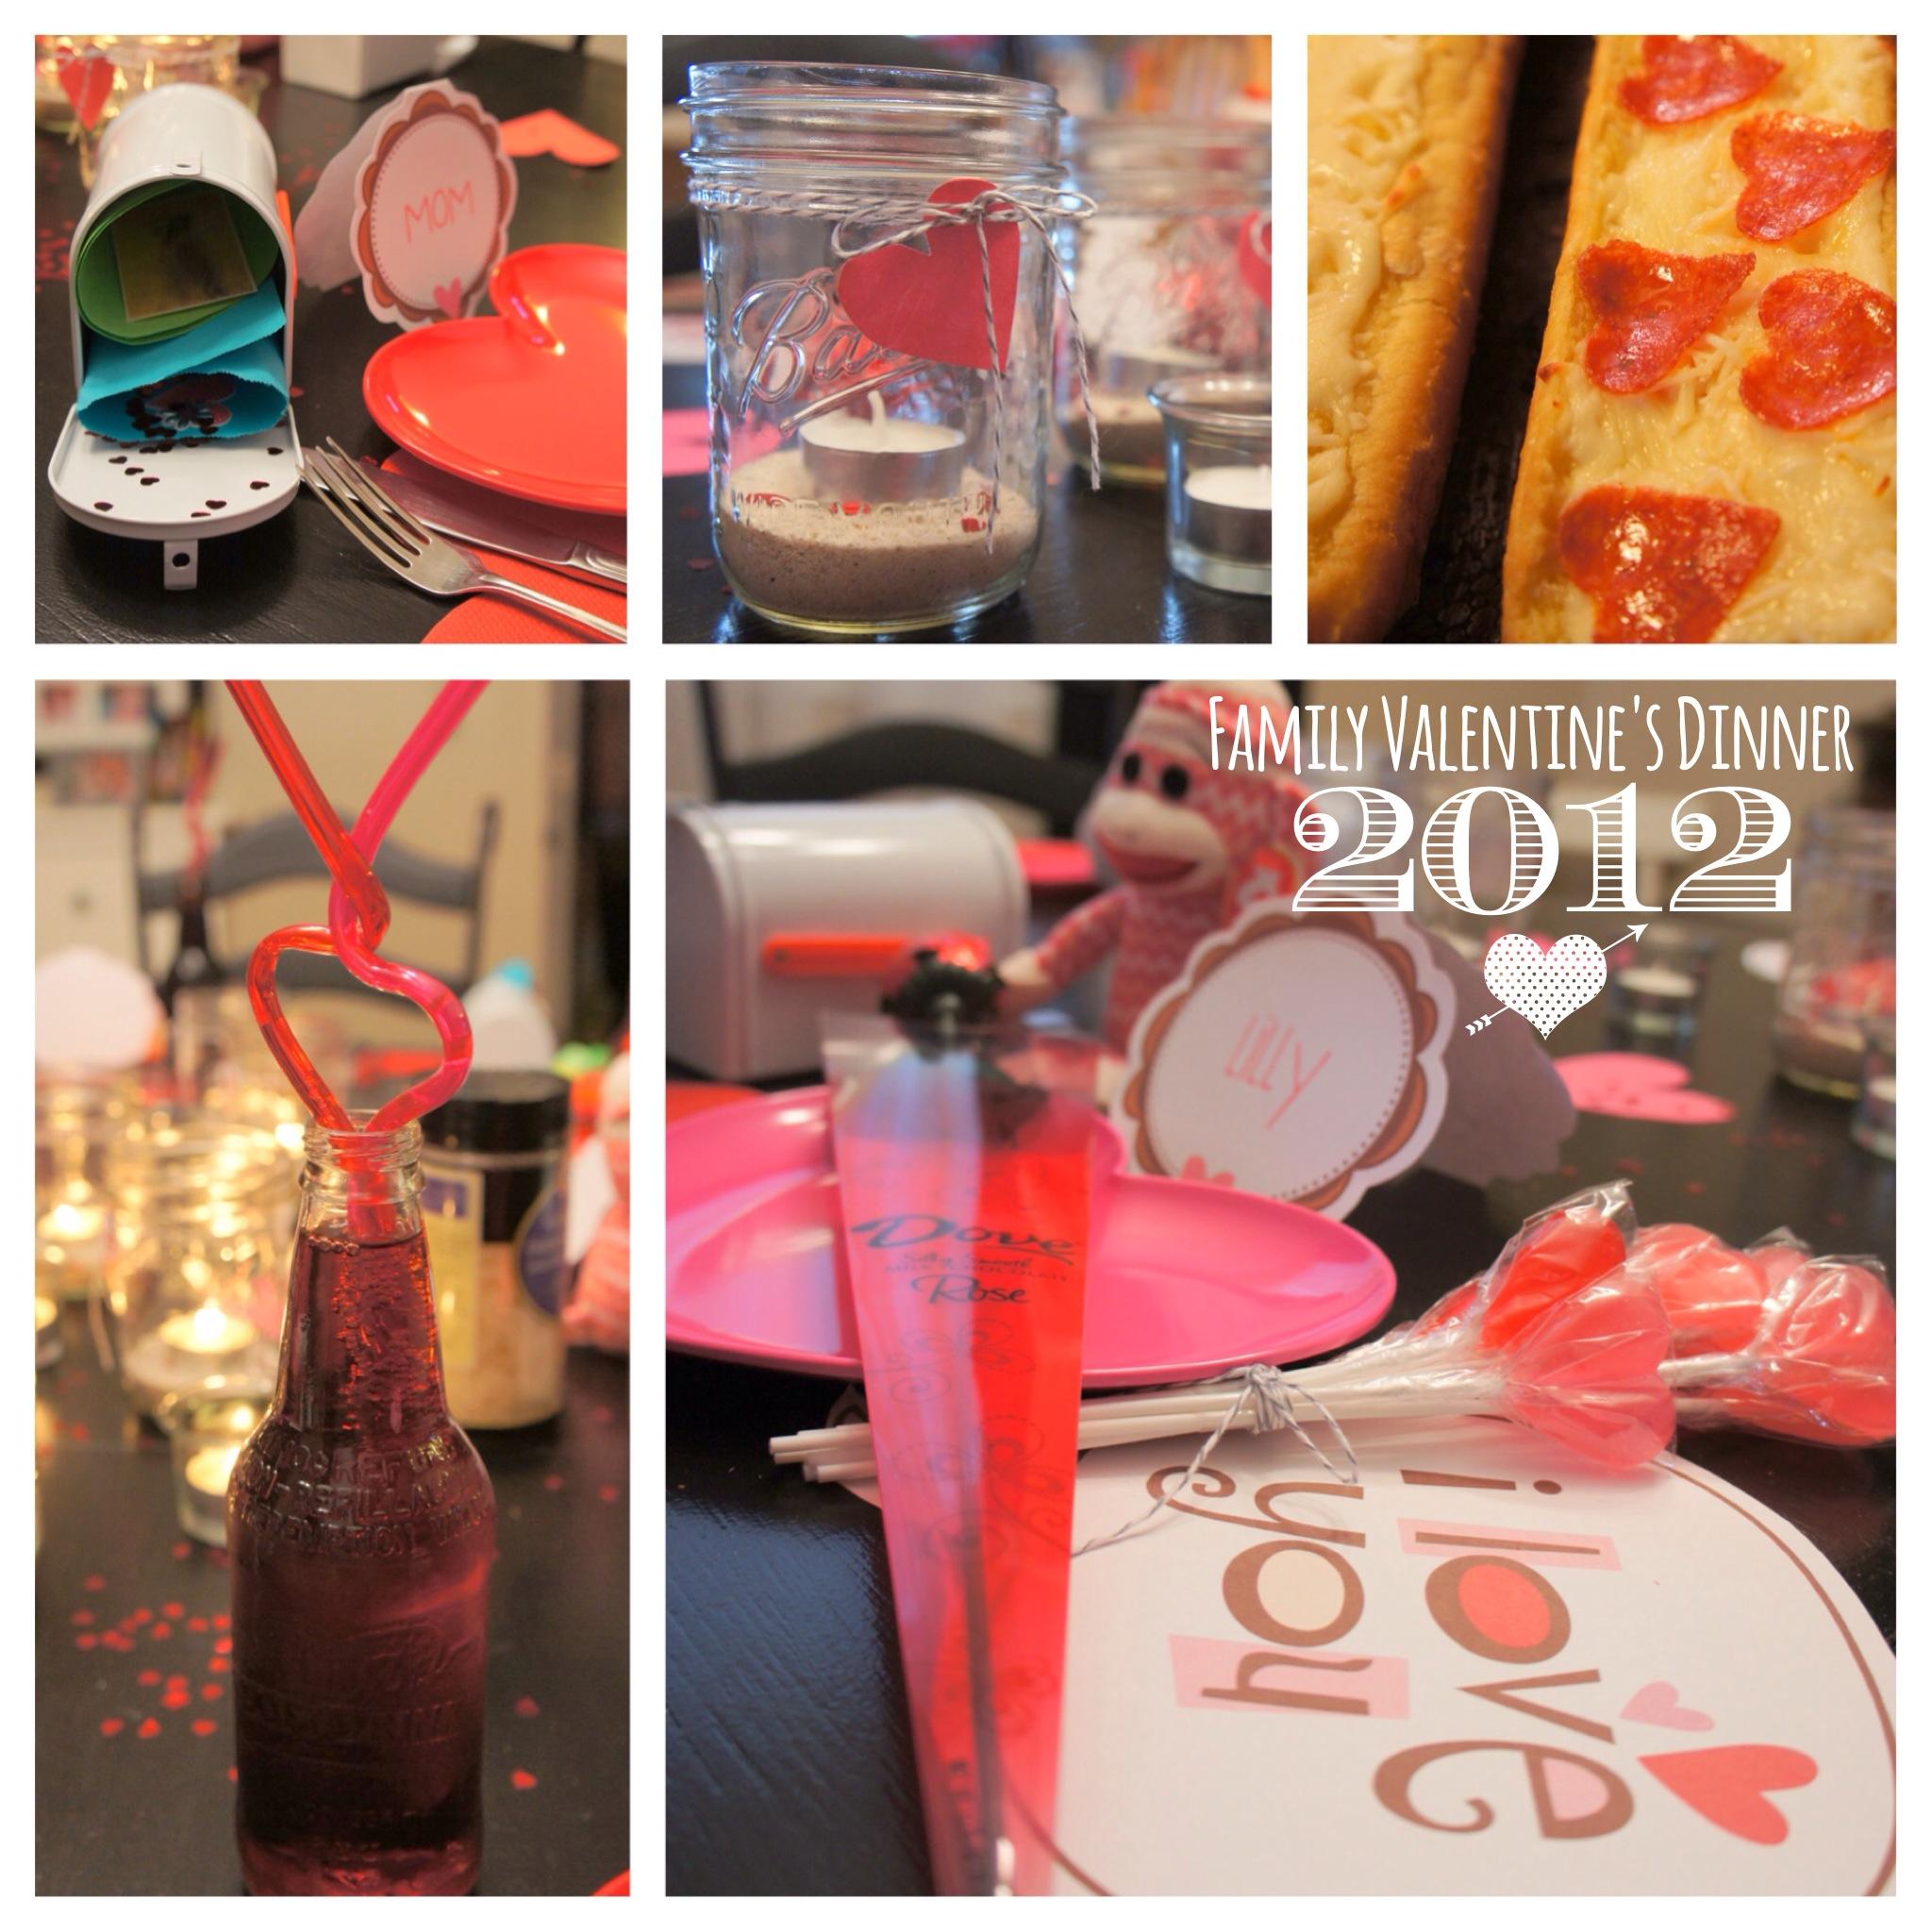 Family Valentine's Dinner 2012